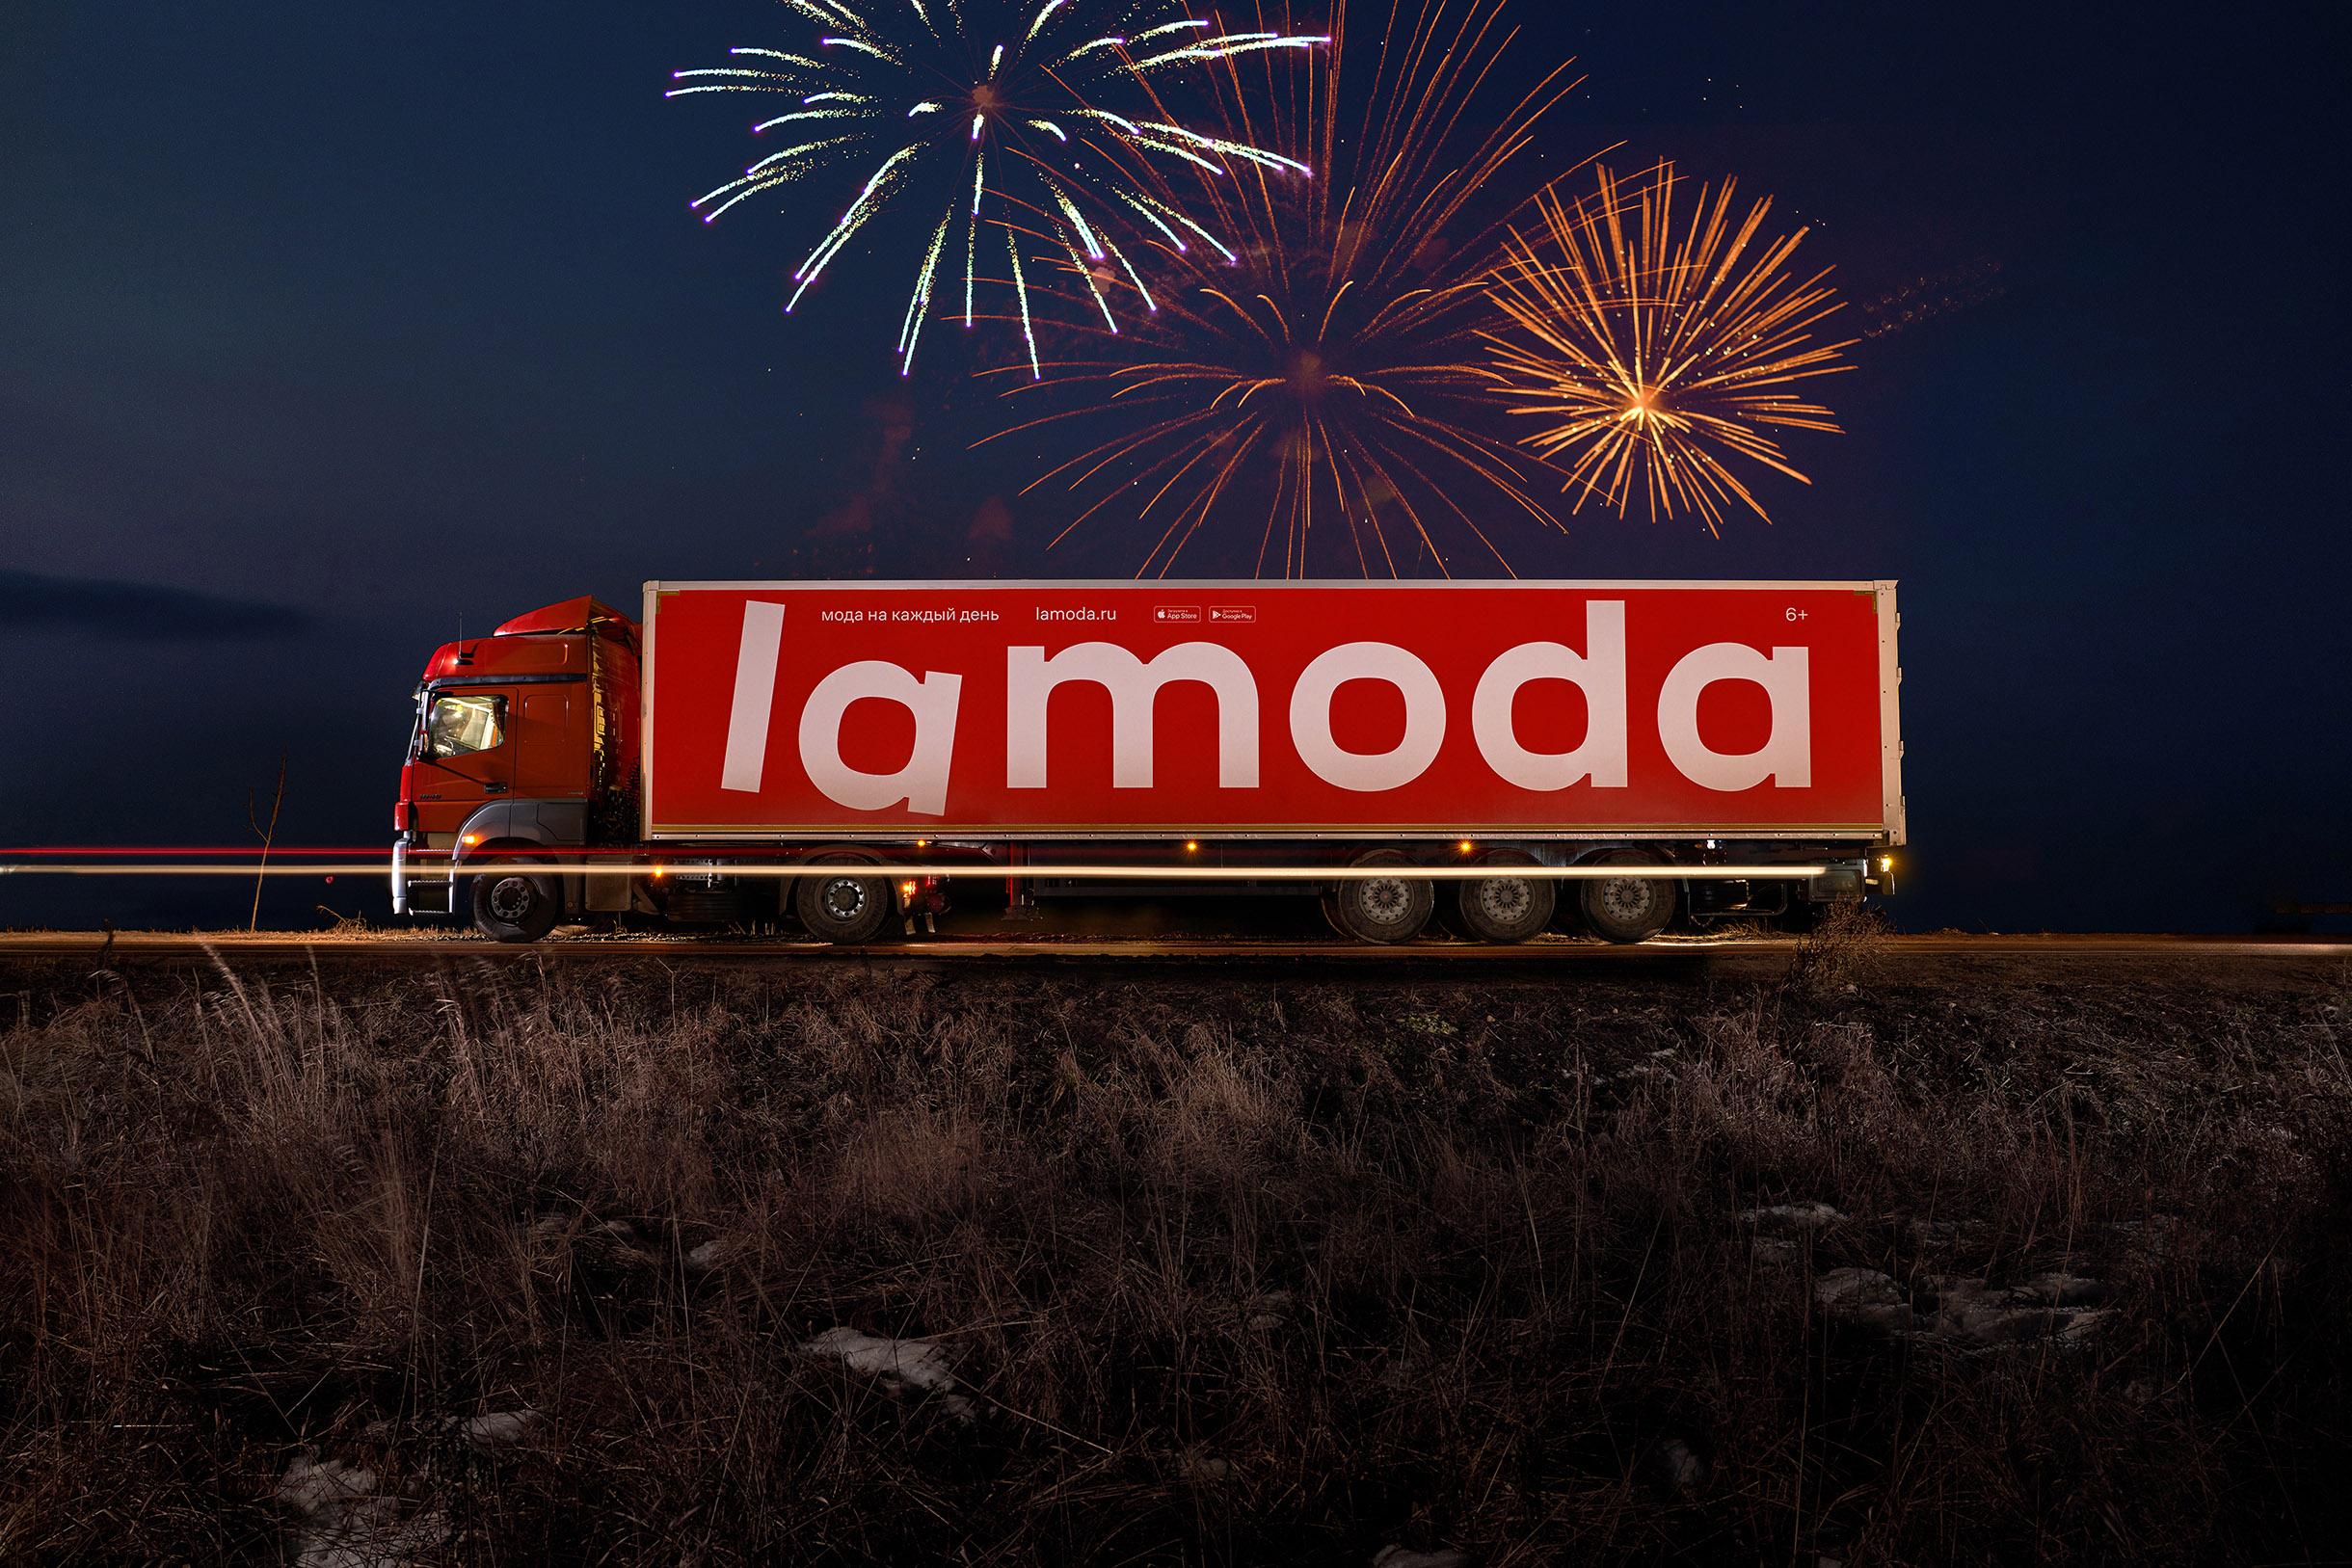 lamoda-adcr_10_15906673015ecfa825e9b51